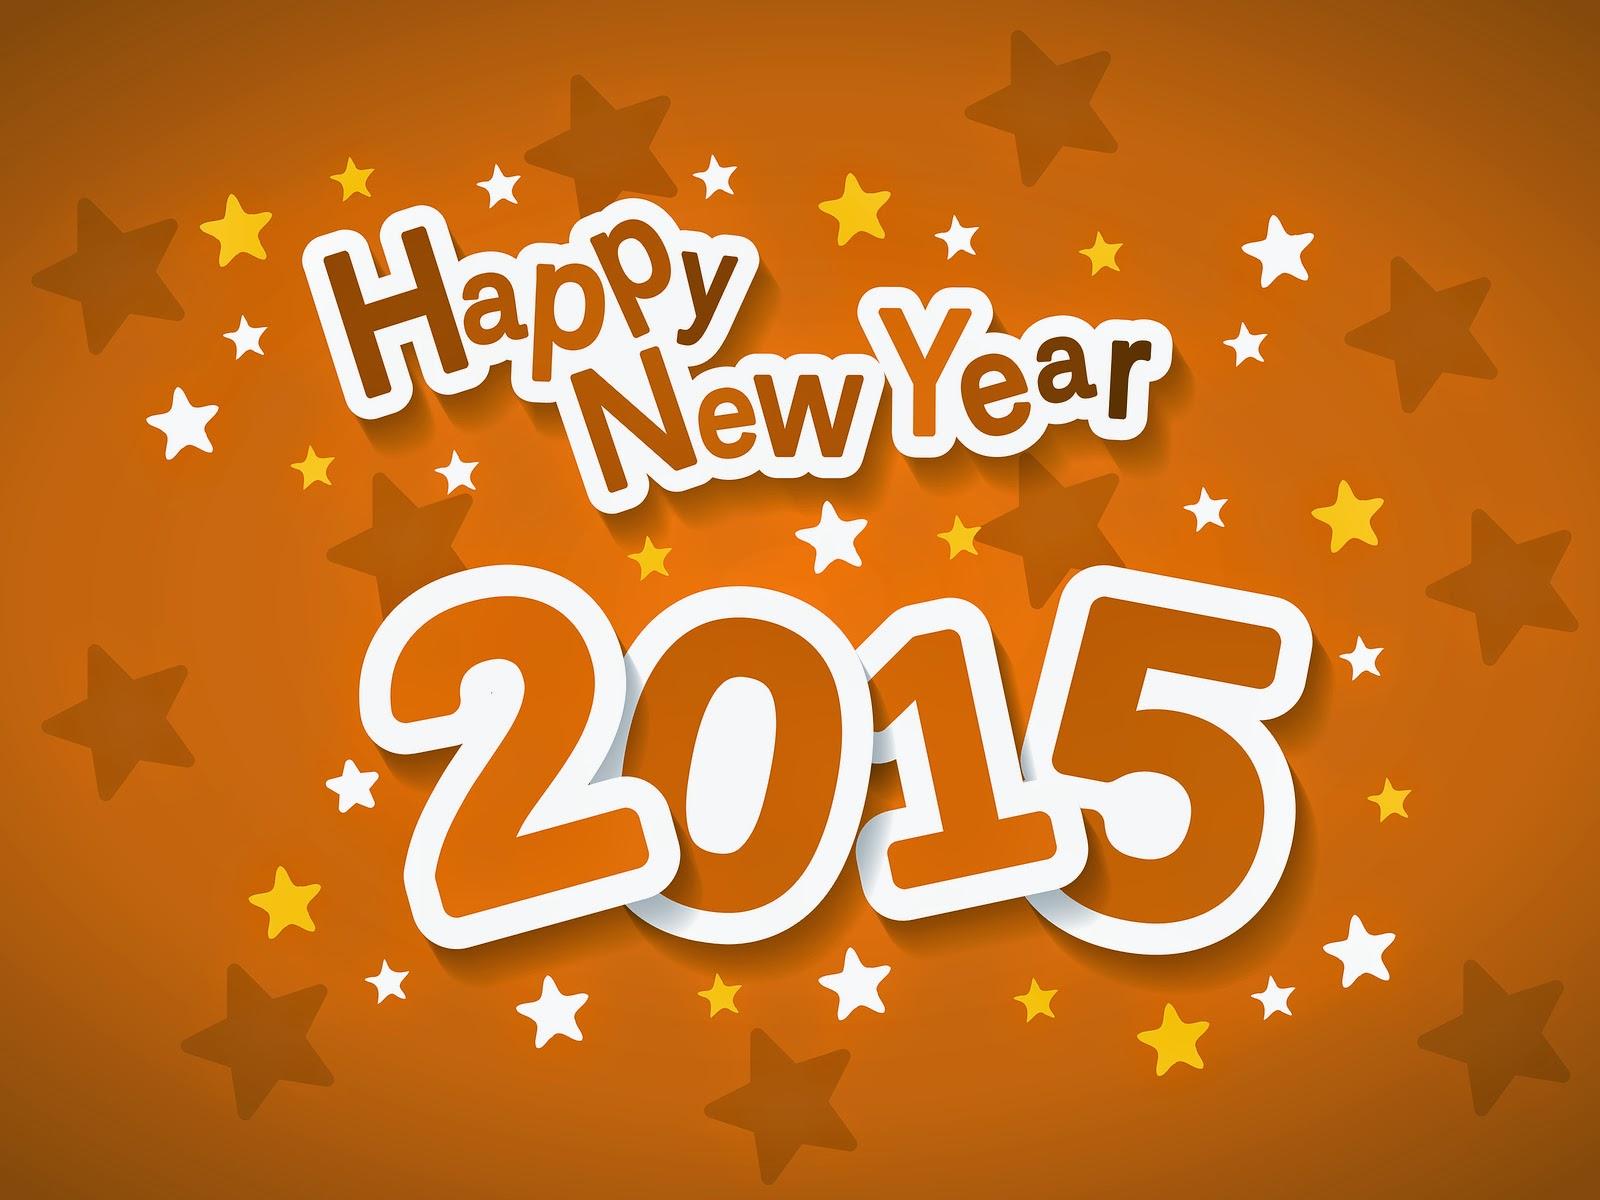 Gambar DP BBM Selamat Tahun Baru 2015 Kata Ucapan Happy New Year 2015